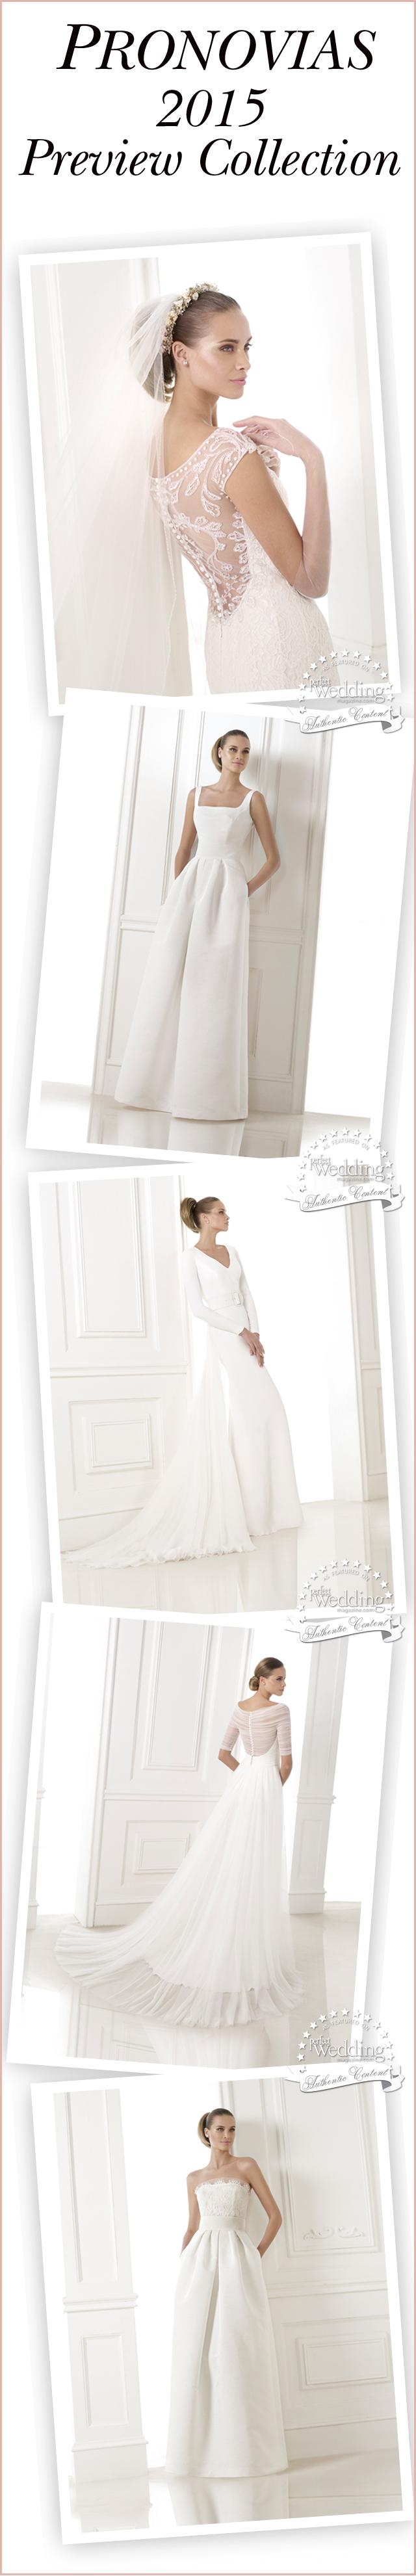 Pronovias, Atelier Pronovias, Pronovias 2015 Preview collection, Perfect Wedding Magazine, Perfect wedding blog, 2015 Bridal Fashion